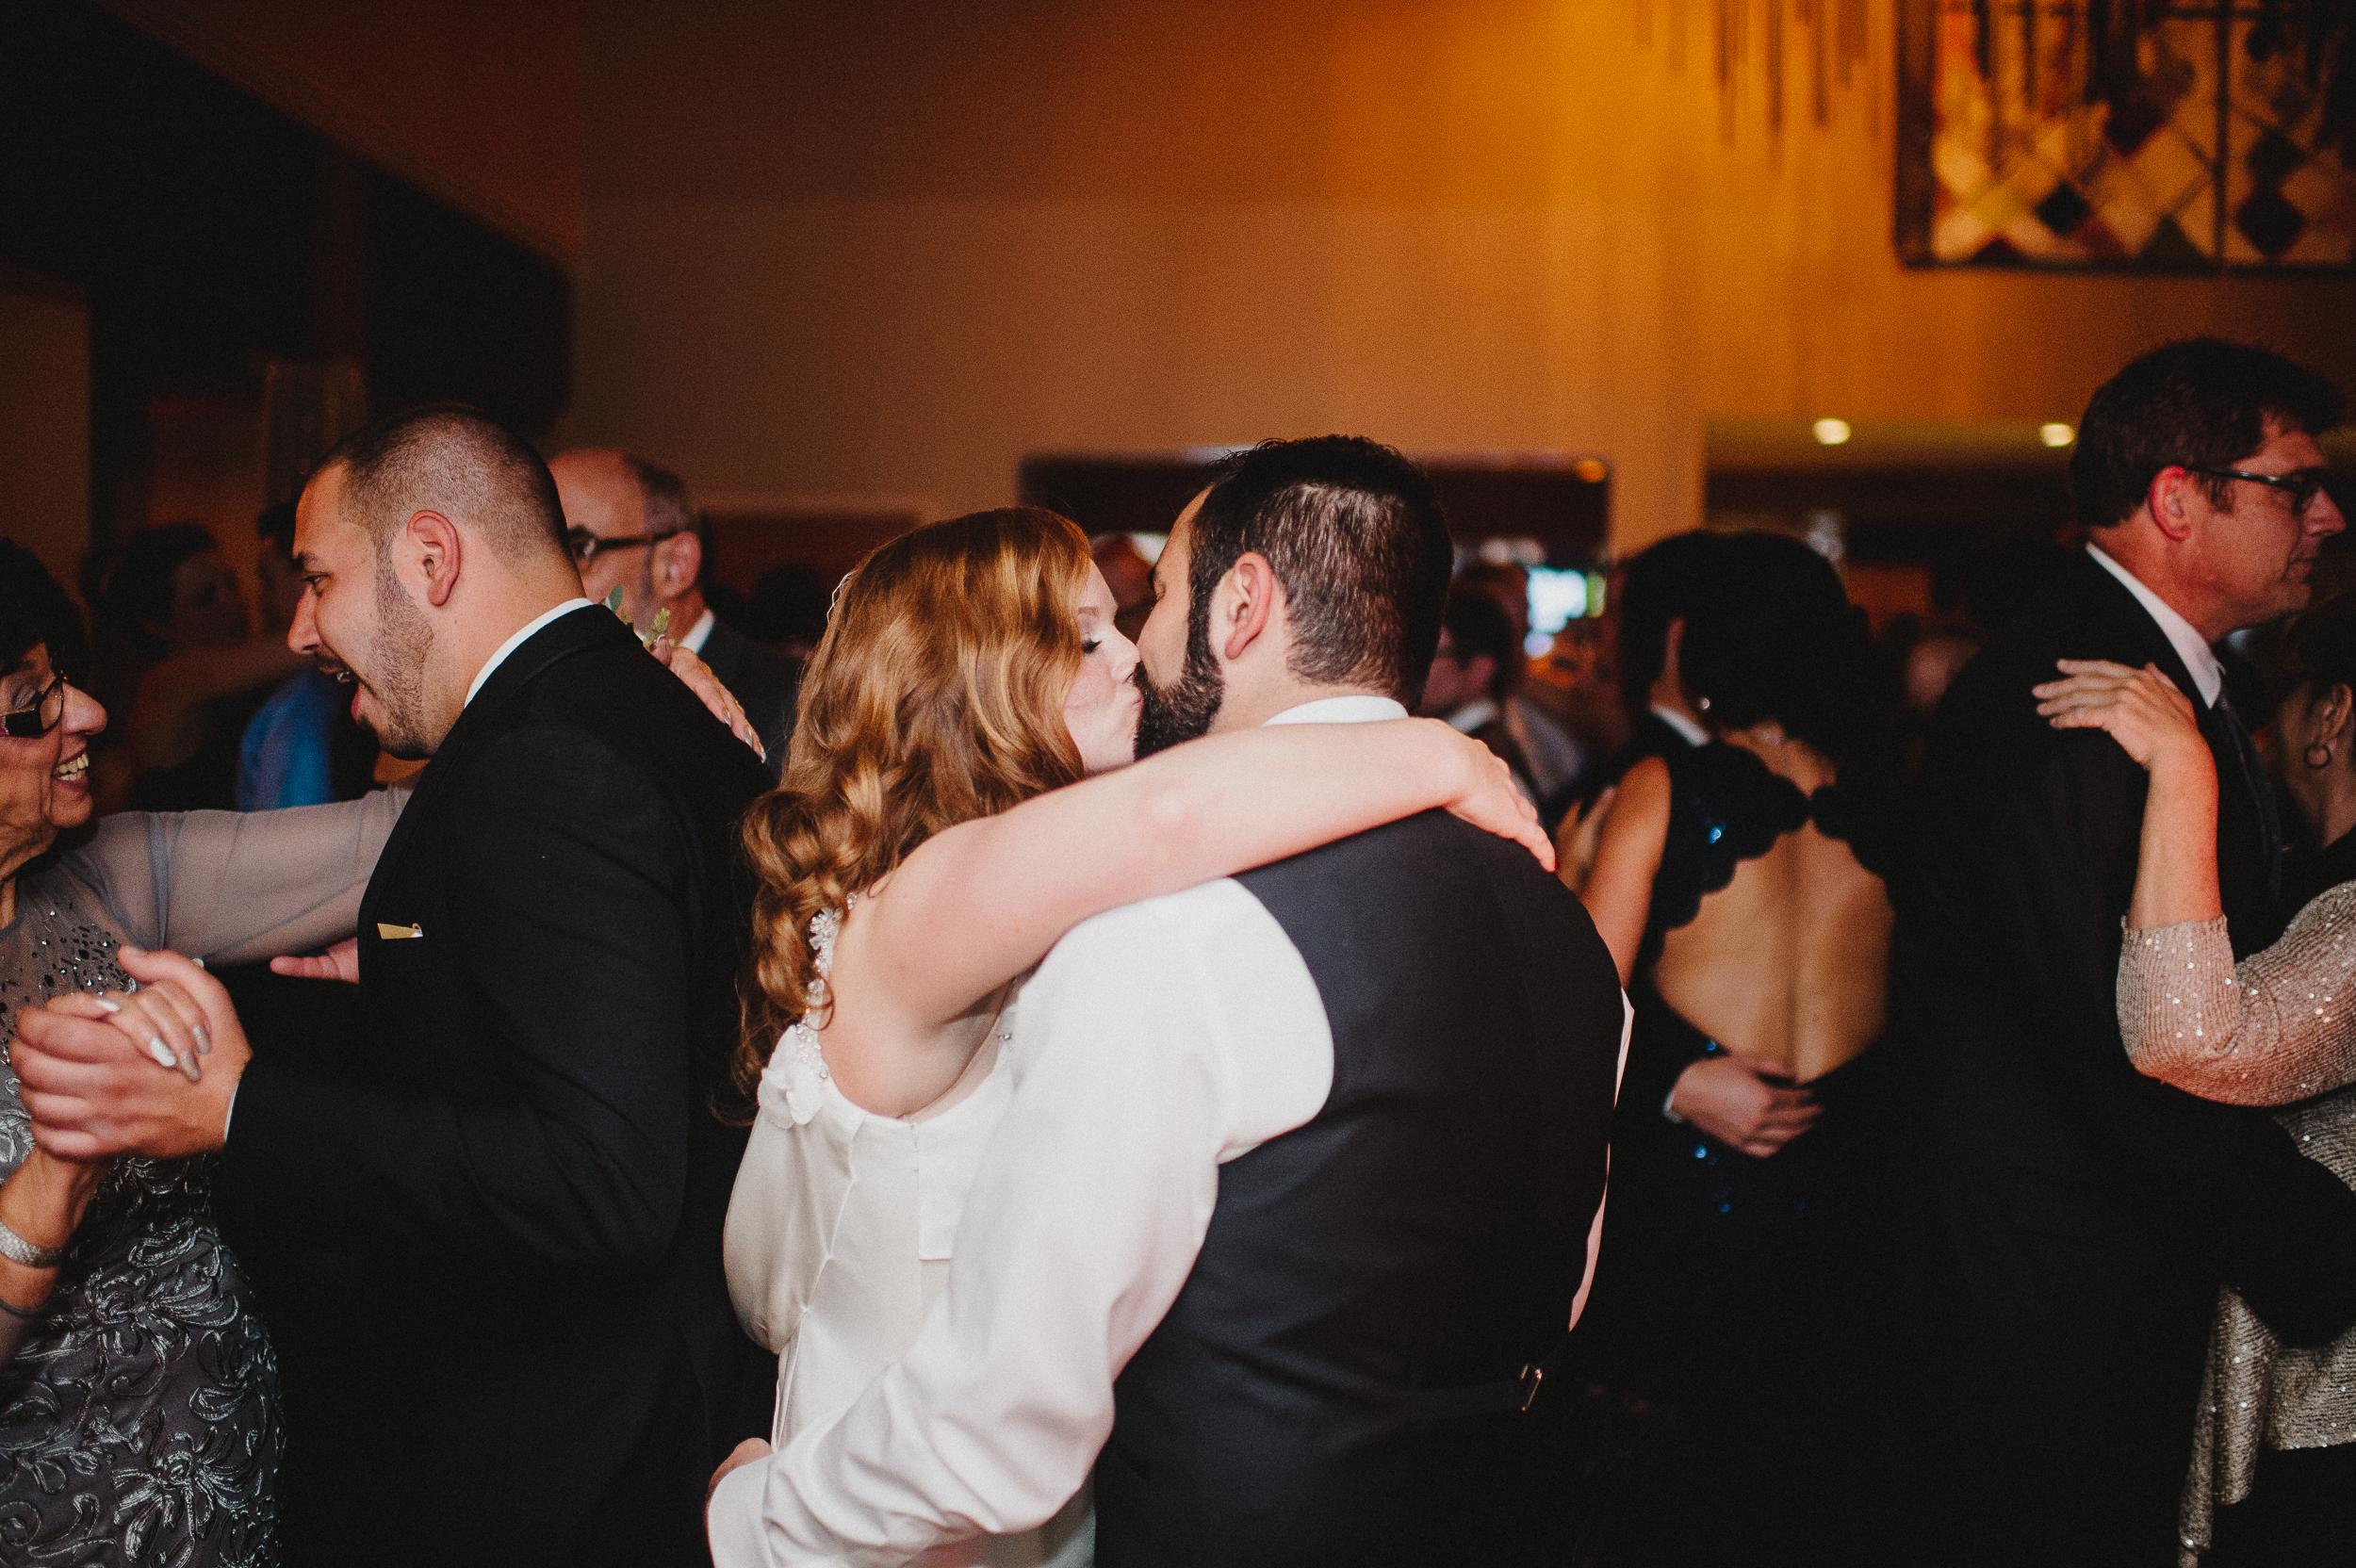 lambertville-station-wedding-photographer-51.jpg